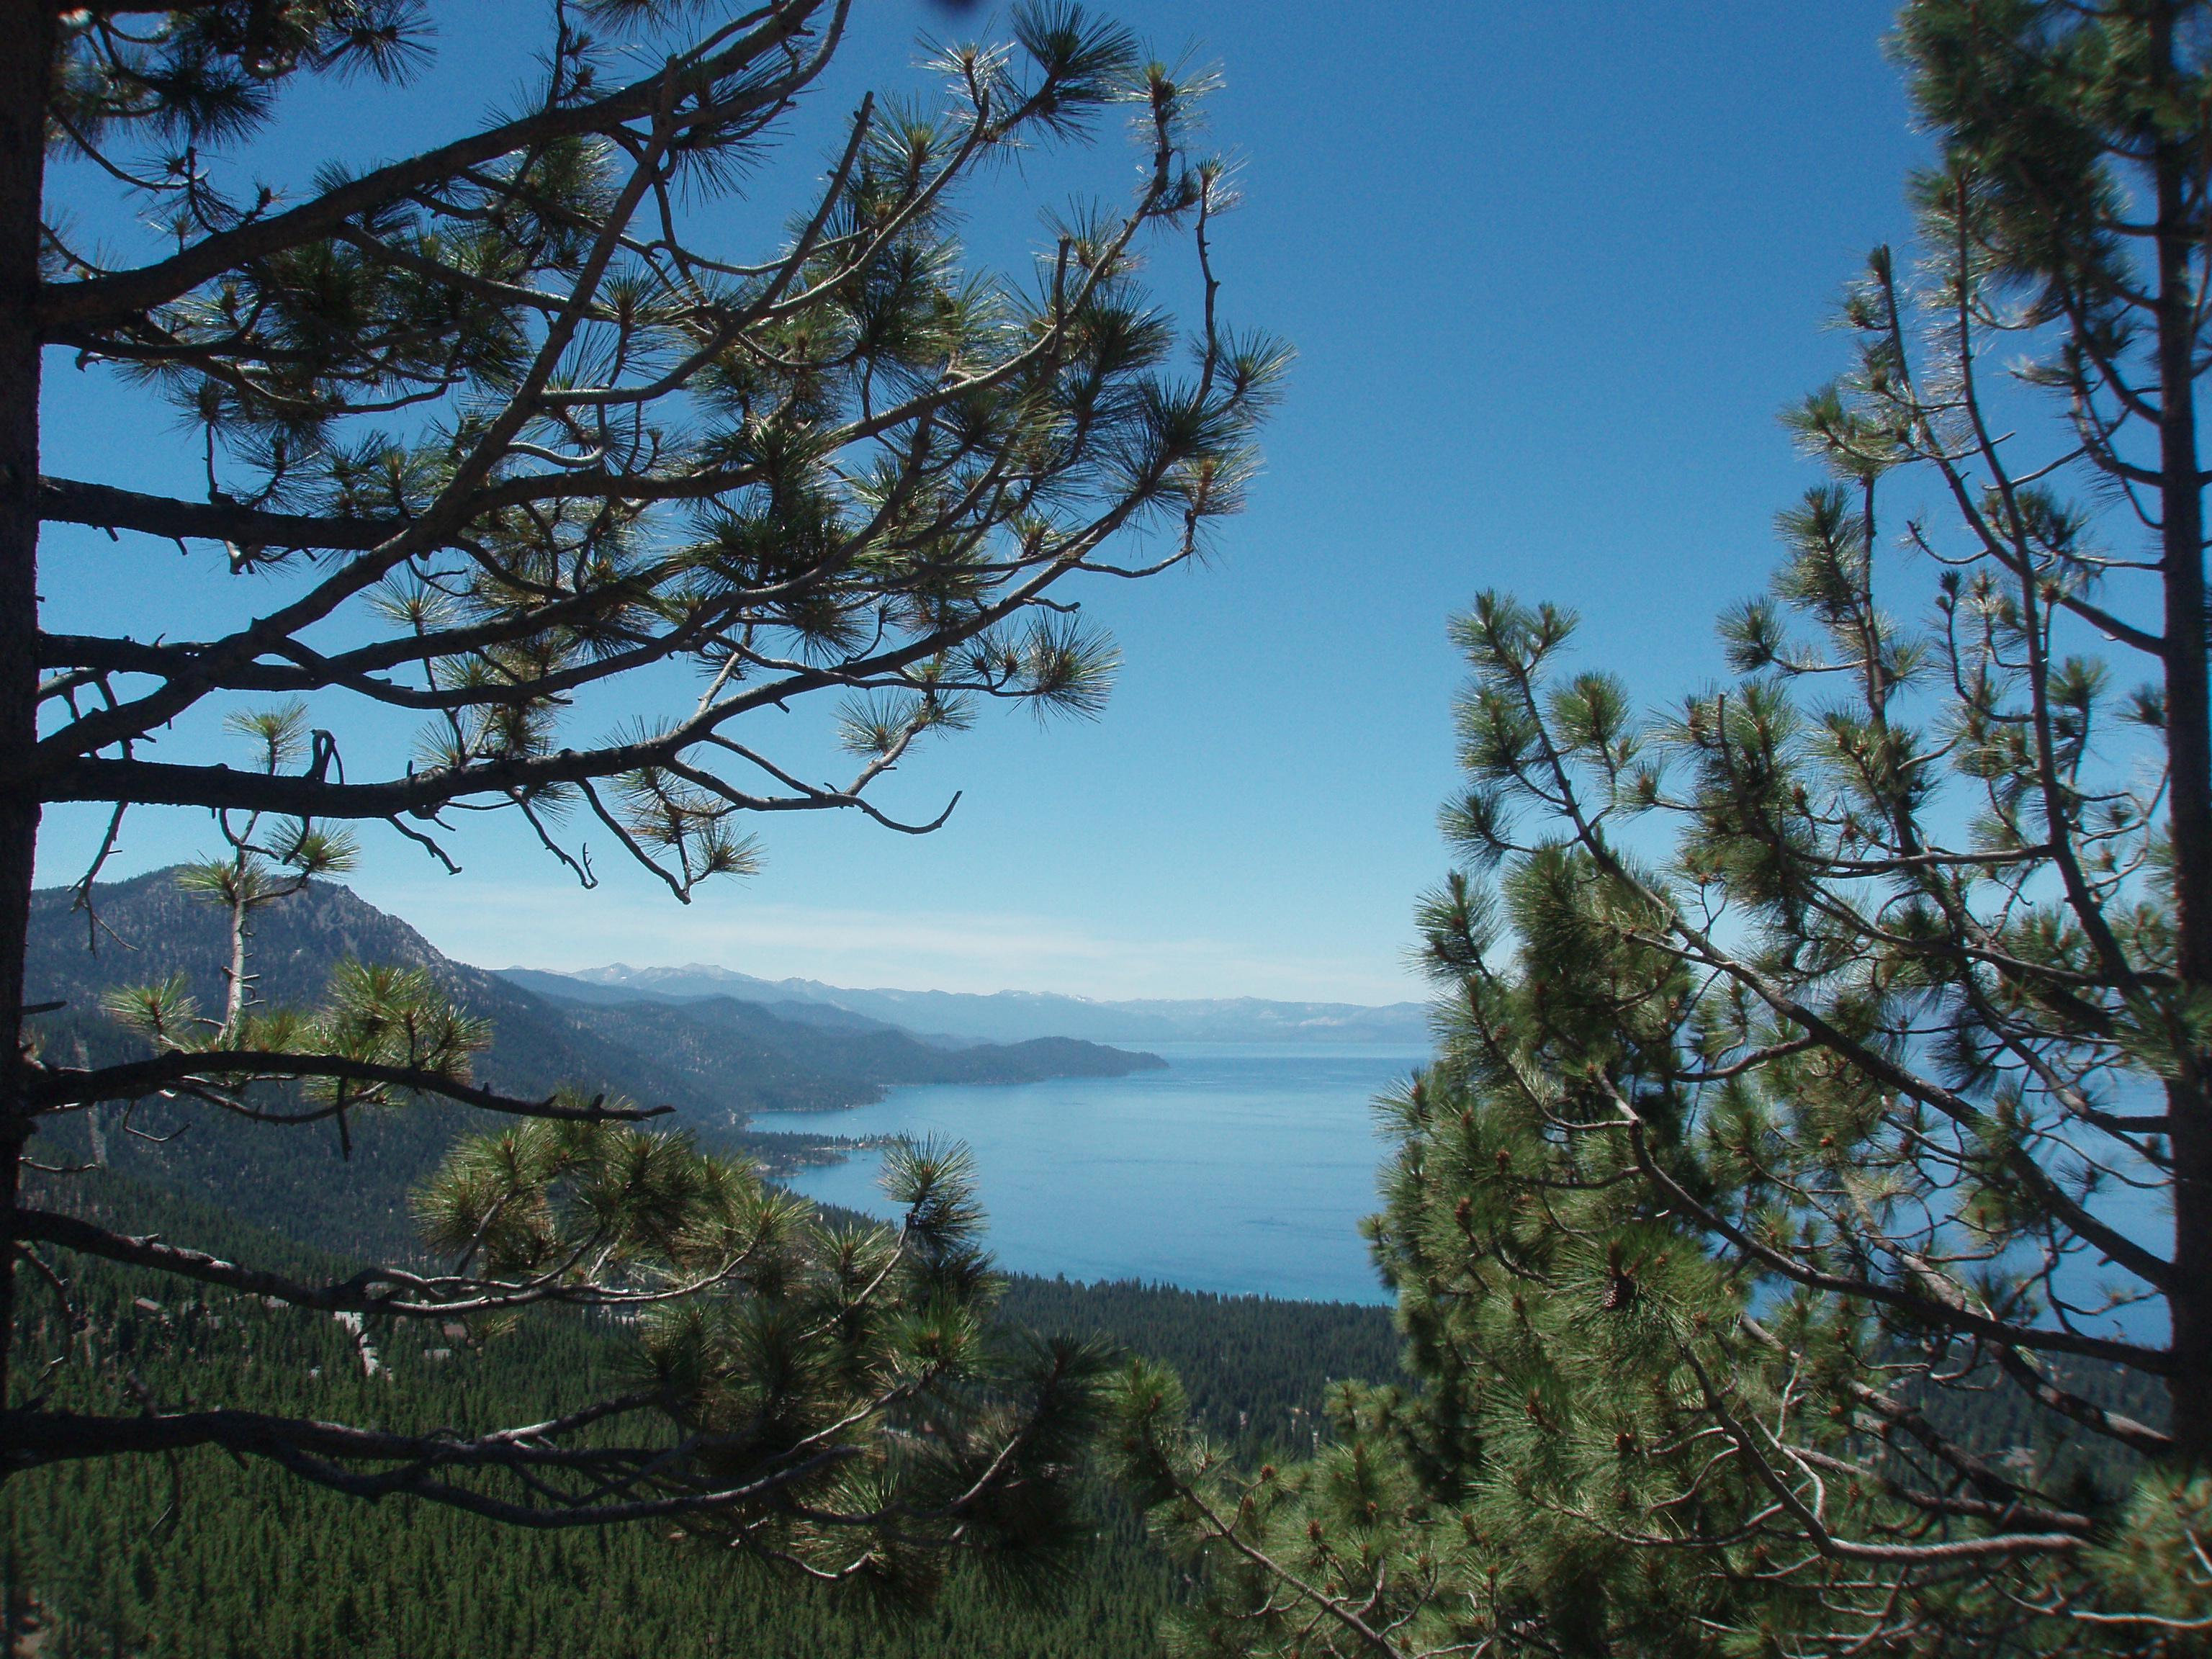 Lake Tahoe Gardening Tips For The Santa Cruz Mountains